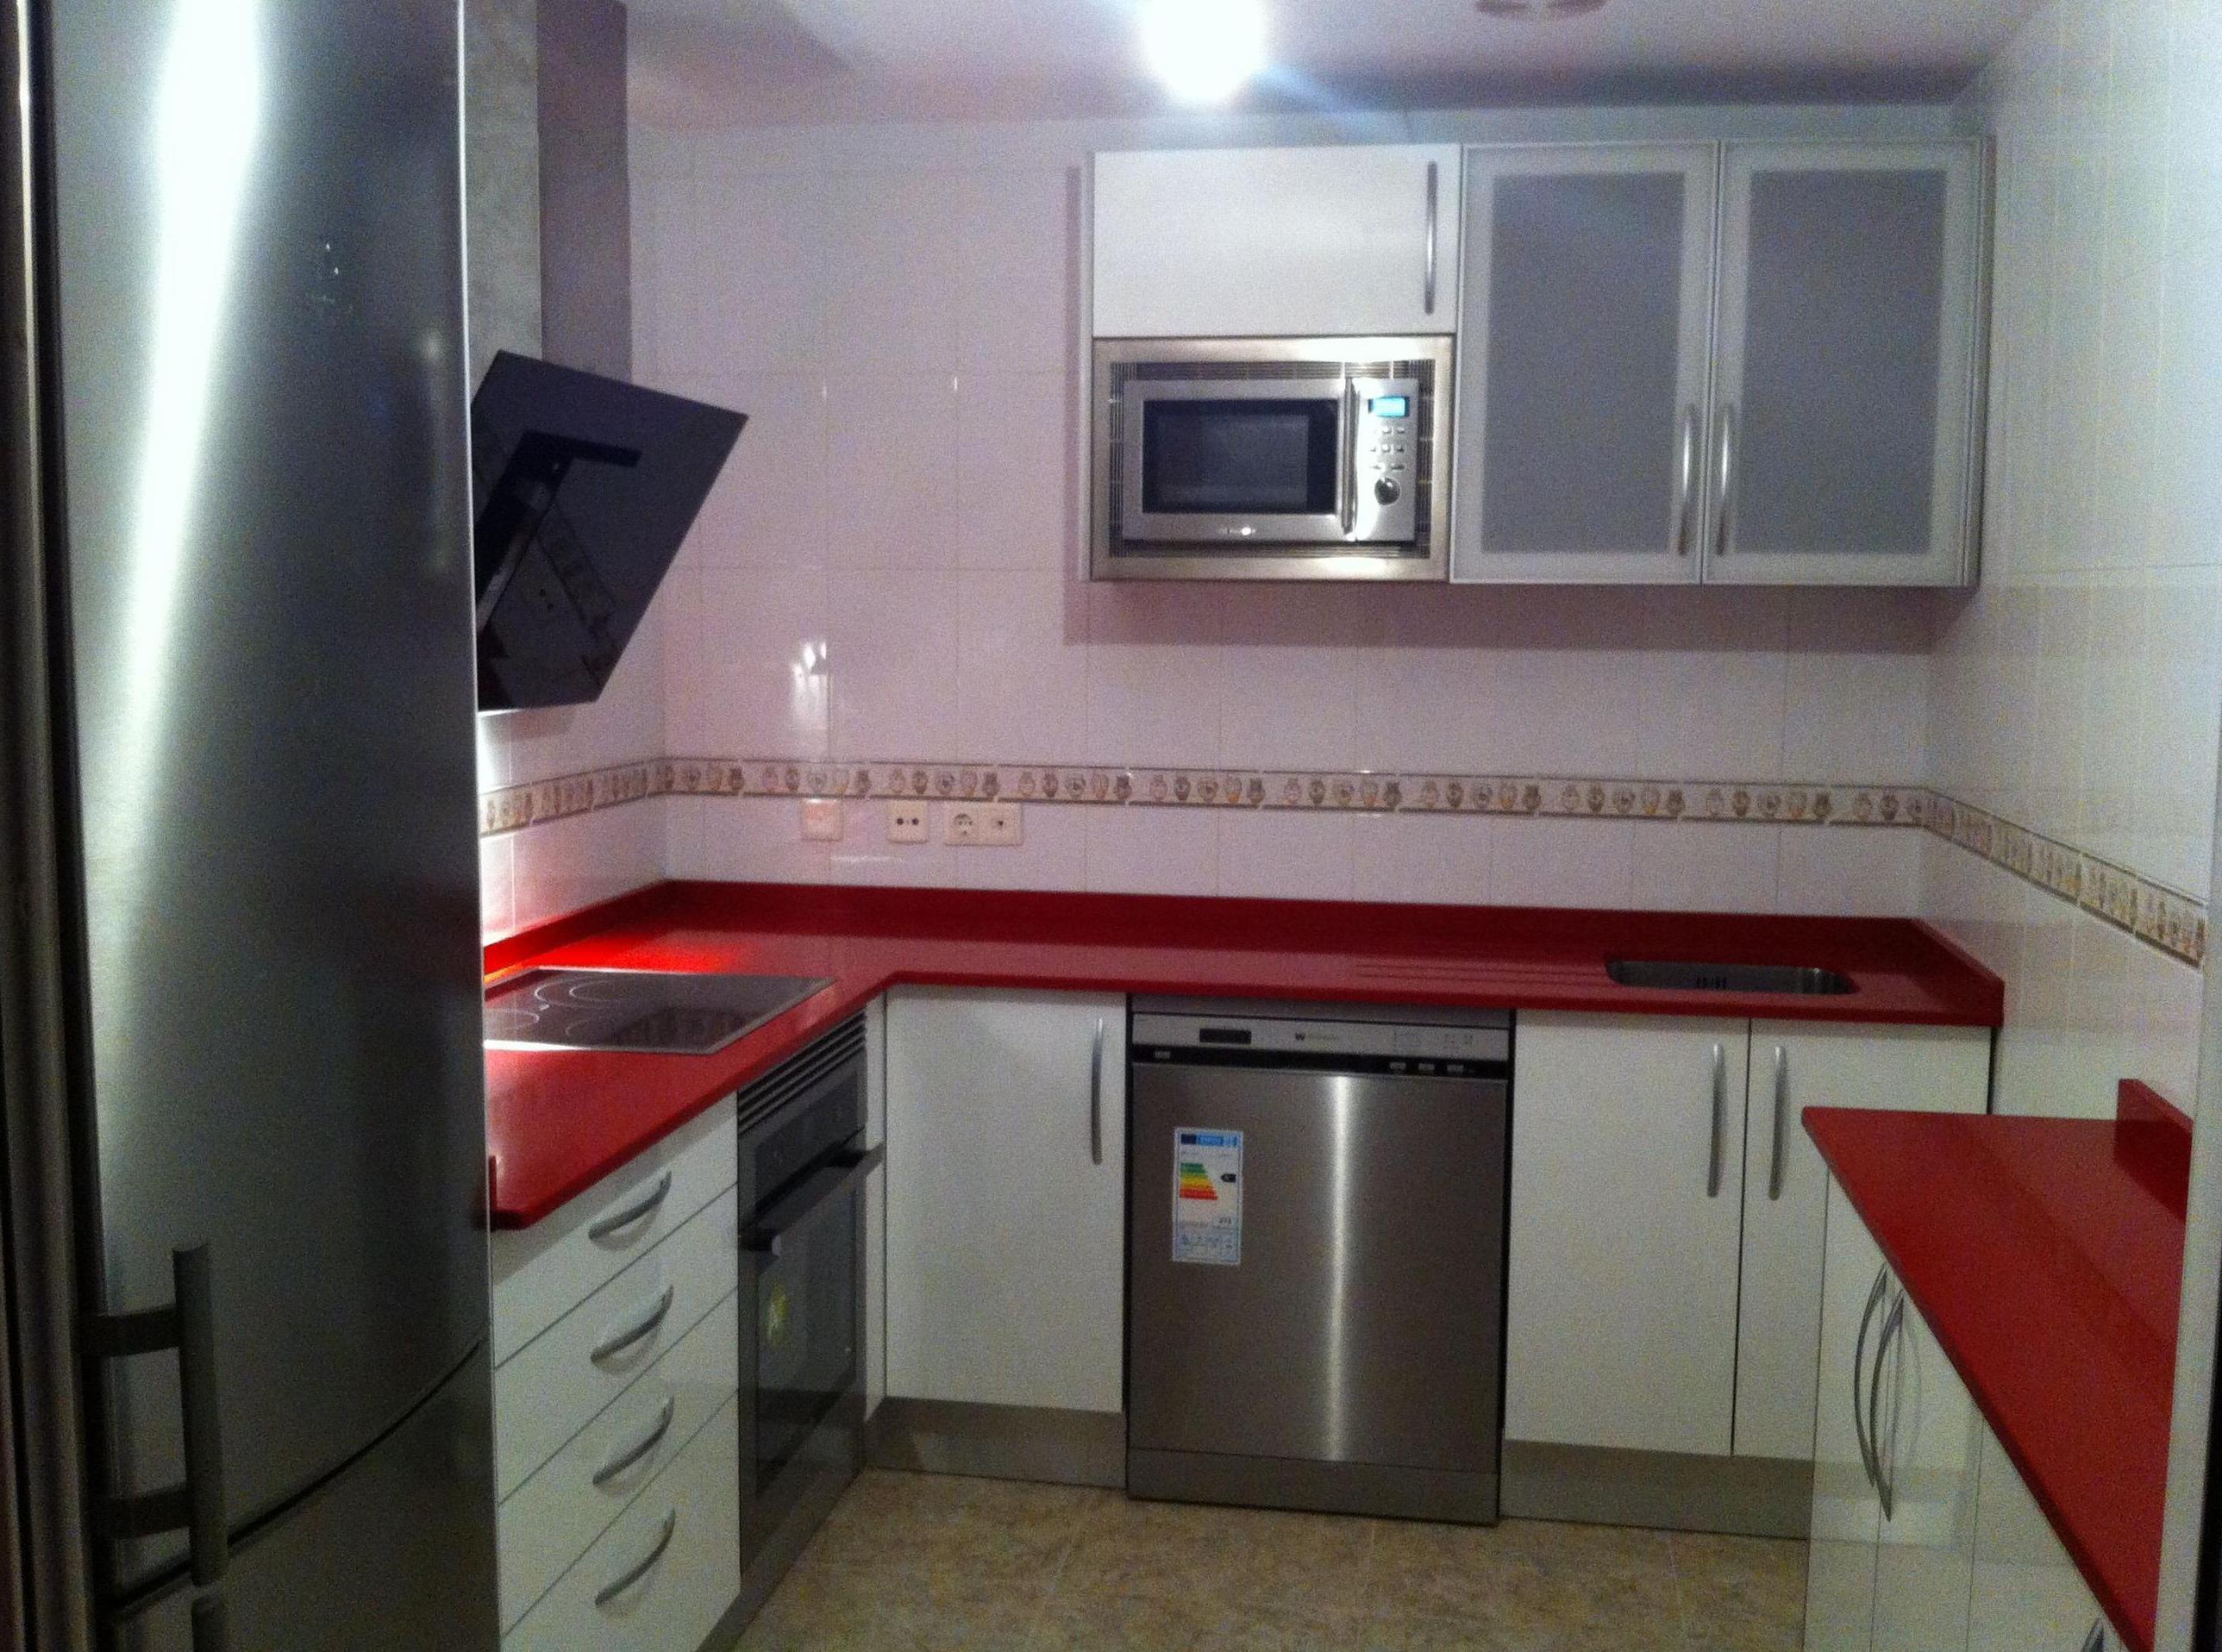 Carpinteros a domicilio en murcia trabajos realizados de for Planificador de cocinas 3d gratis